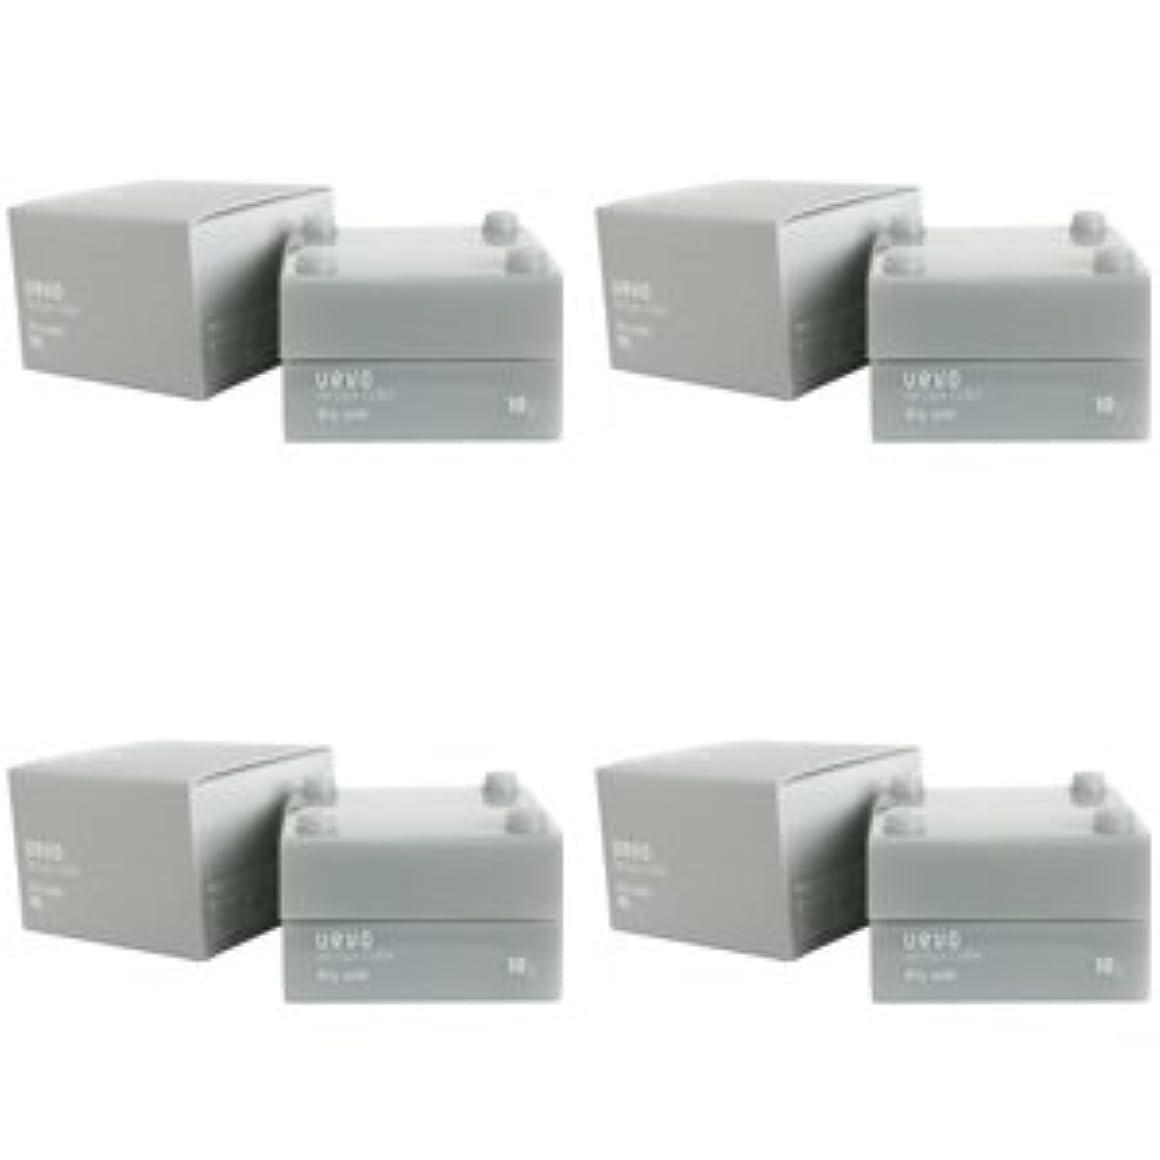 コメントメドレー政策【X4個セット】 デミ ウェーボ デザインキューブ ドライワックス 30g dry wax DEMI uevo design cube